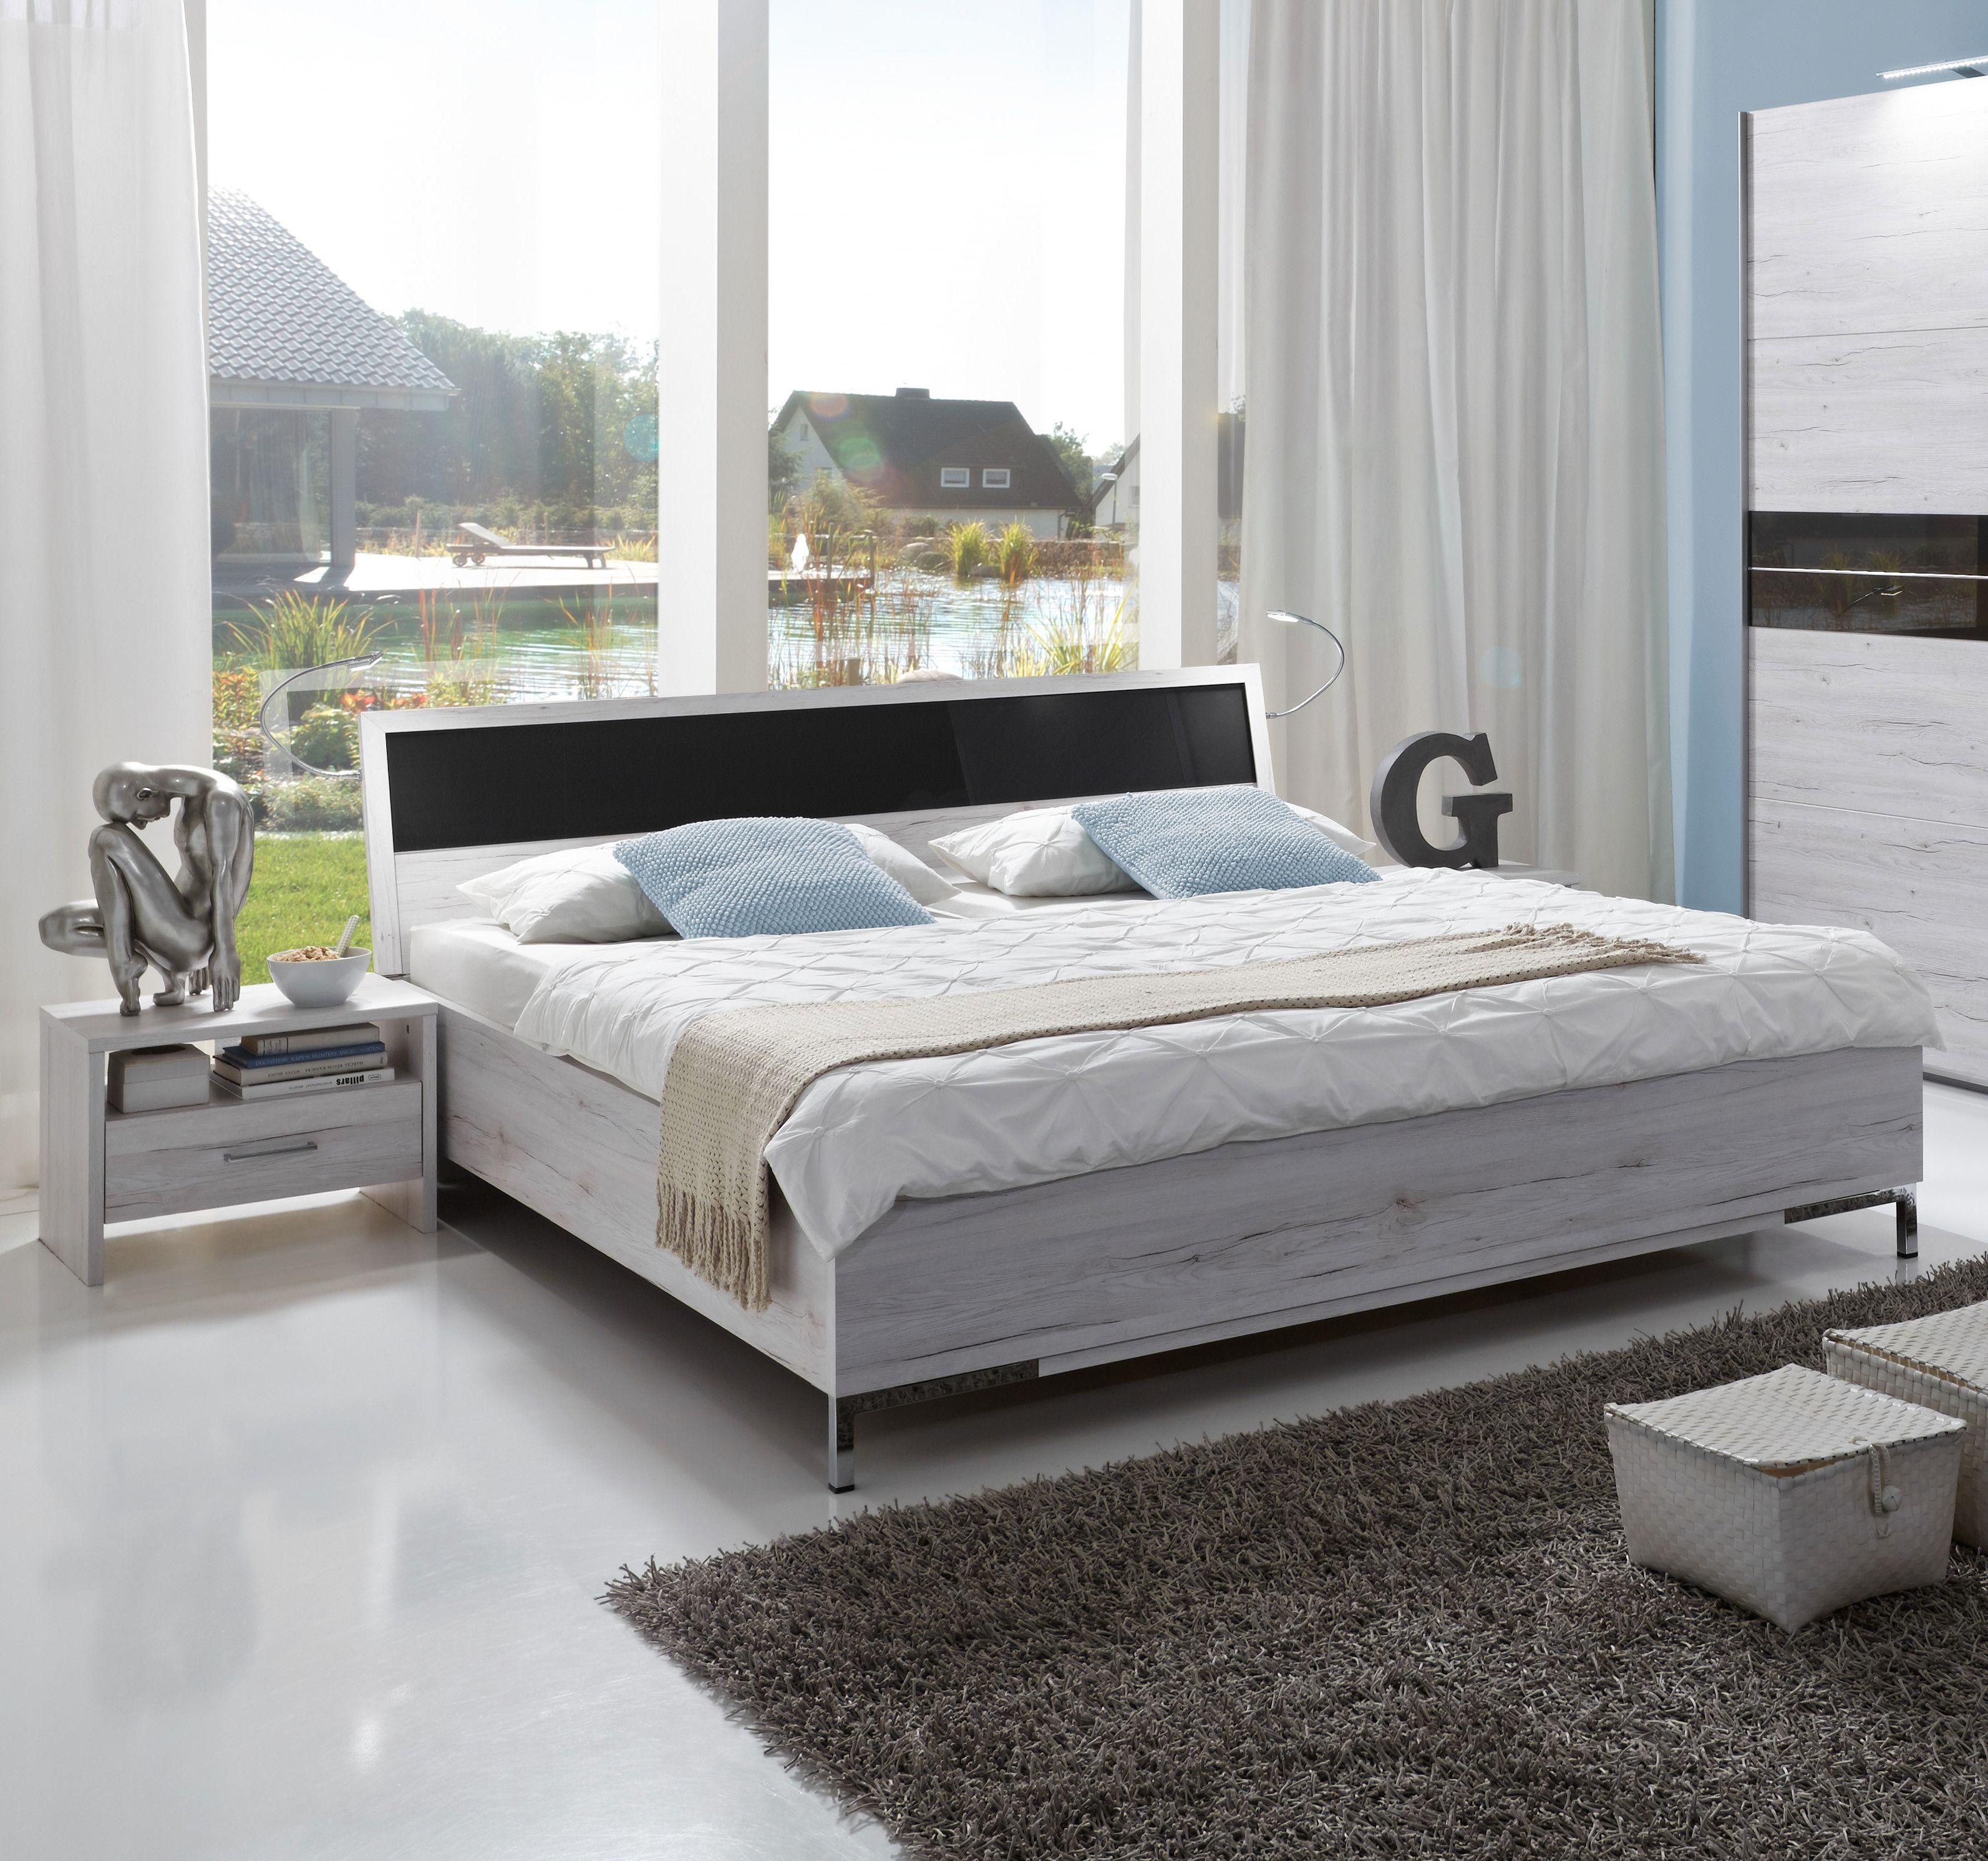 Bett 180 X 200 Cm Weisseiche Glas Grau Woody 132 01640 Holz Modern